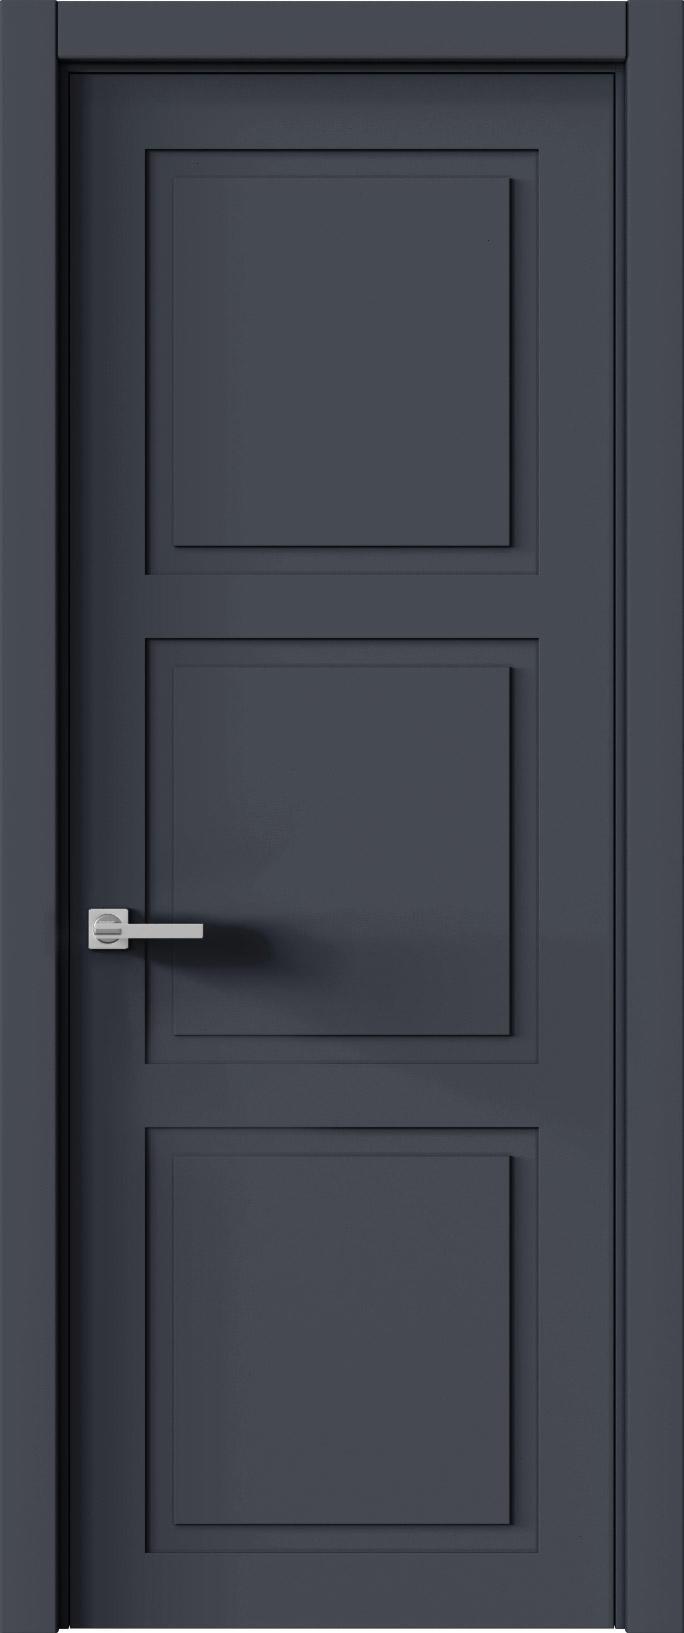 Tivoli Л-5 цвет - Графитово-серая эмаль (RAL 7024) Без стекла (ДГ)